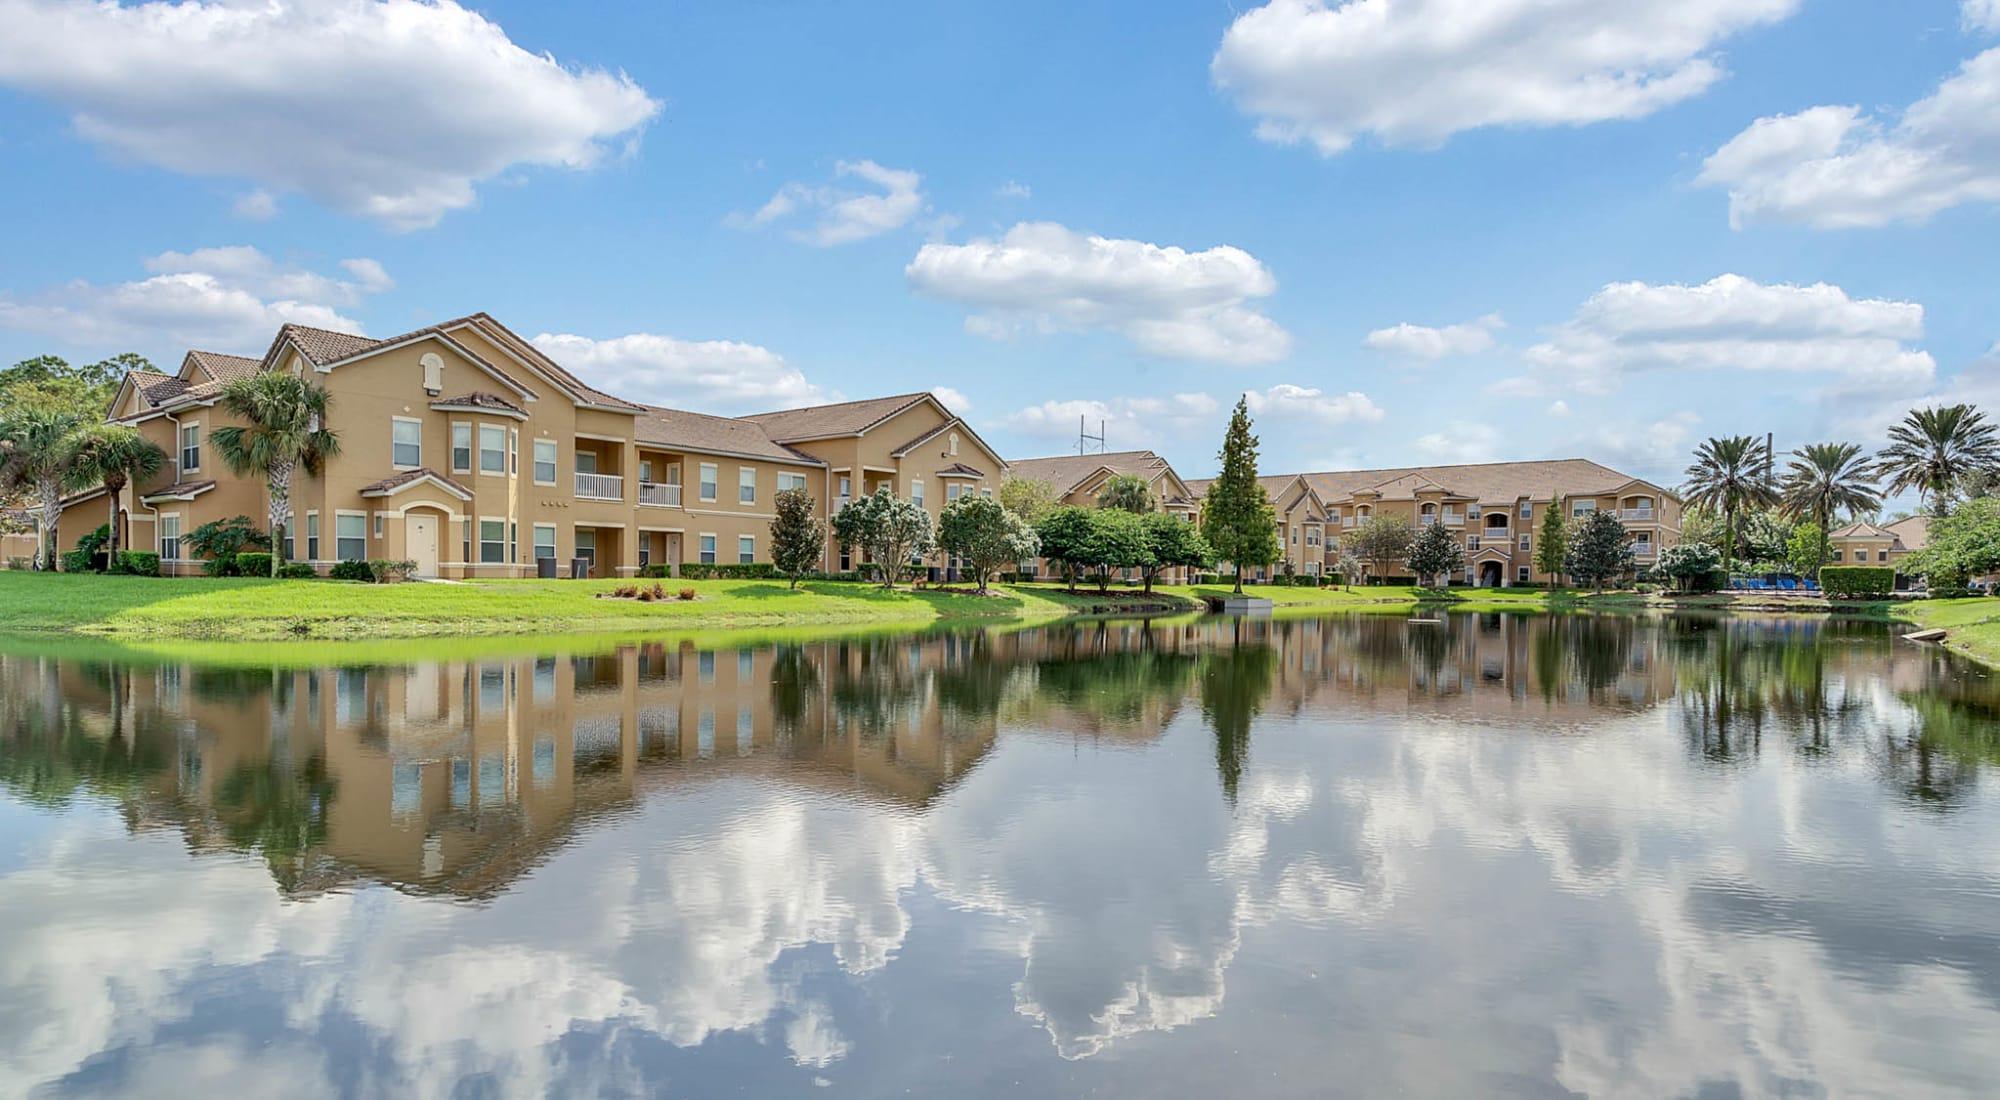 Apartments at Palms at World Gateway in Orlando, Florida